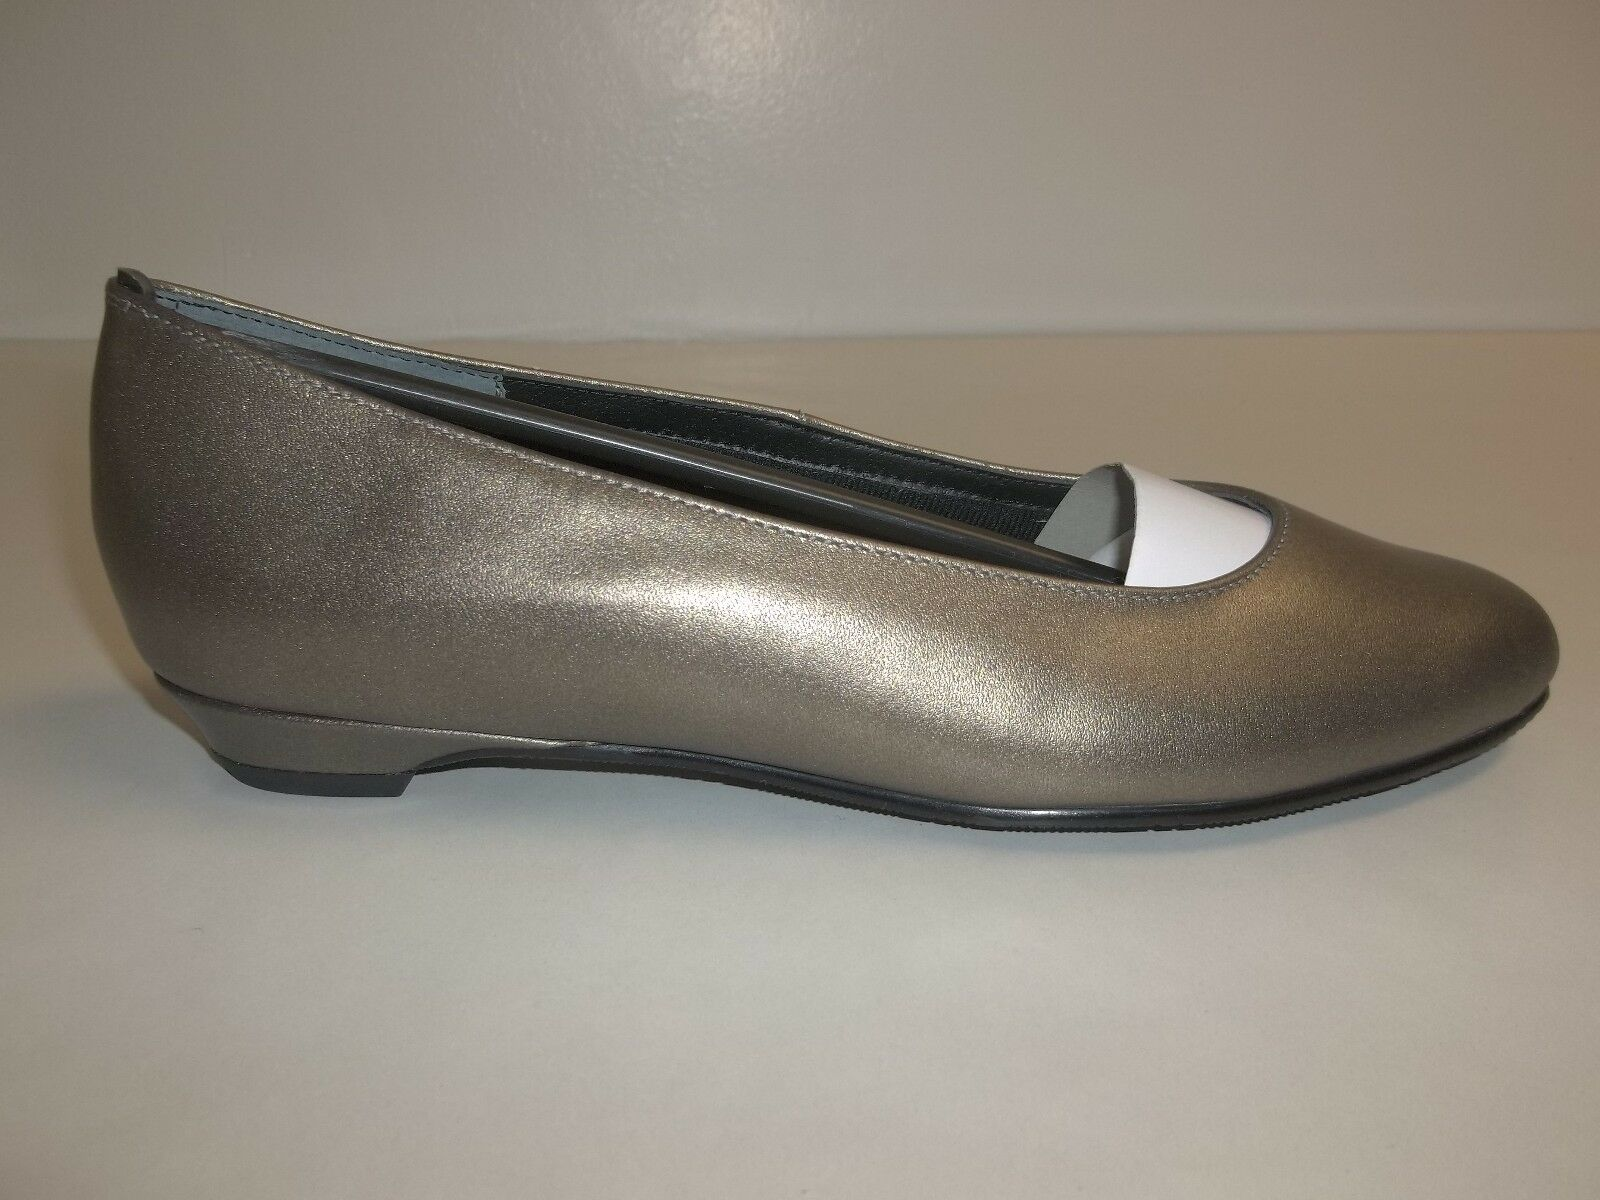 Pétalos De rosado Tallas 6 de Ancho de Cuero Bronce Bronce Bronce mantequilla Vestido bomba Nuevos Mujer Zapatos sin Taco  alta calidad general